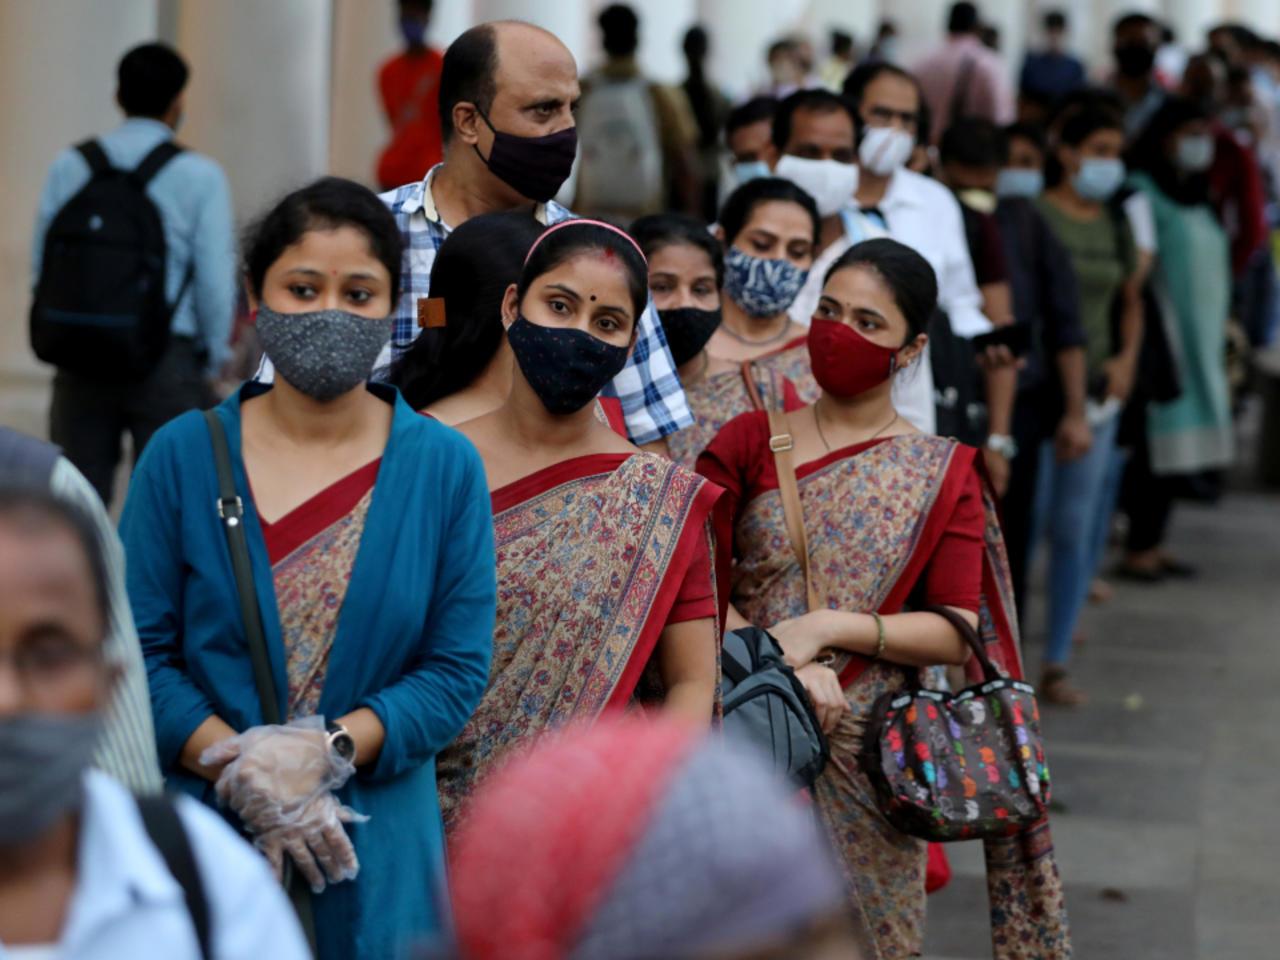 Ấn Độ cần đẩy mạnh ứng dụng kỹ thuật số để thích nghi với thời kỳ hậu Covid